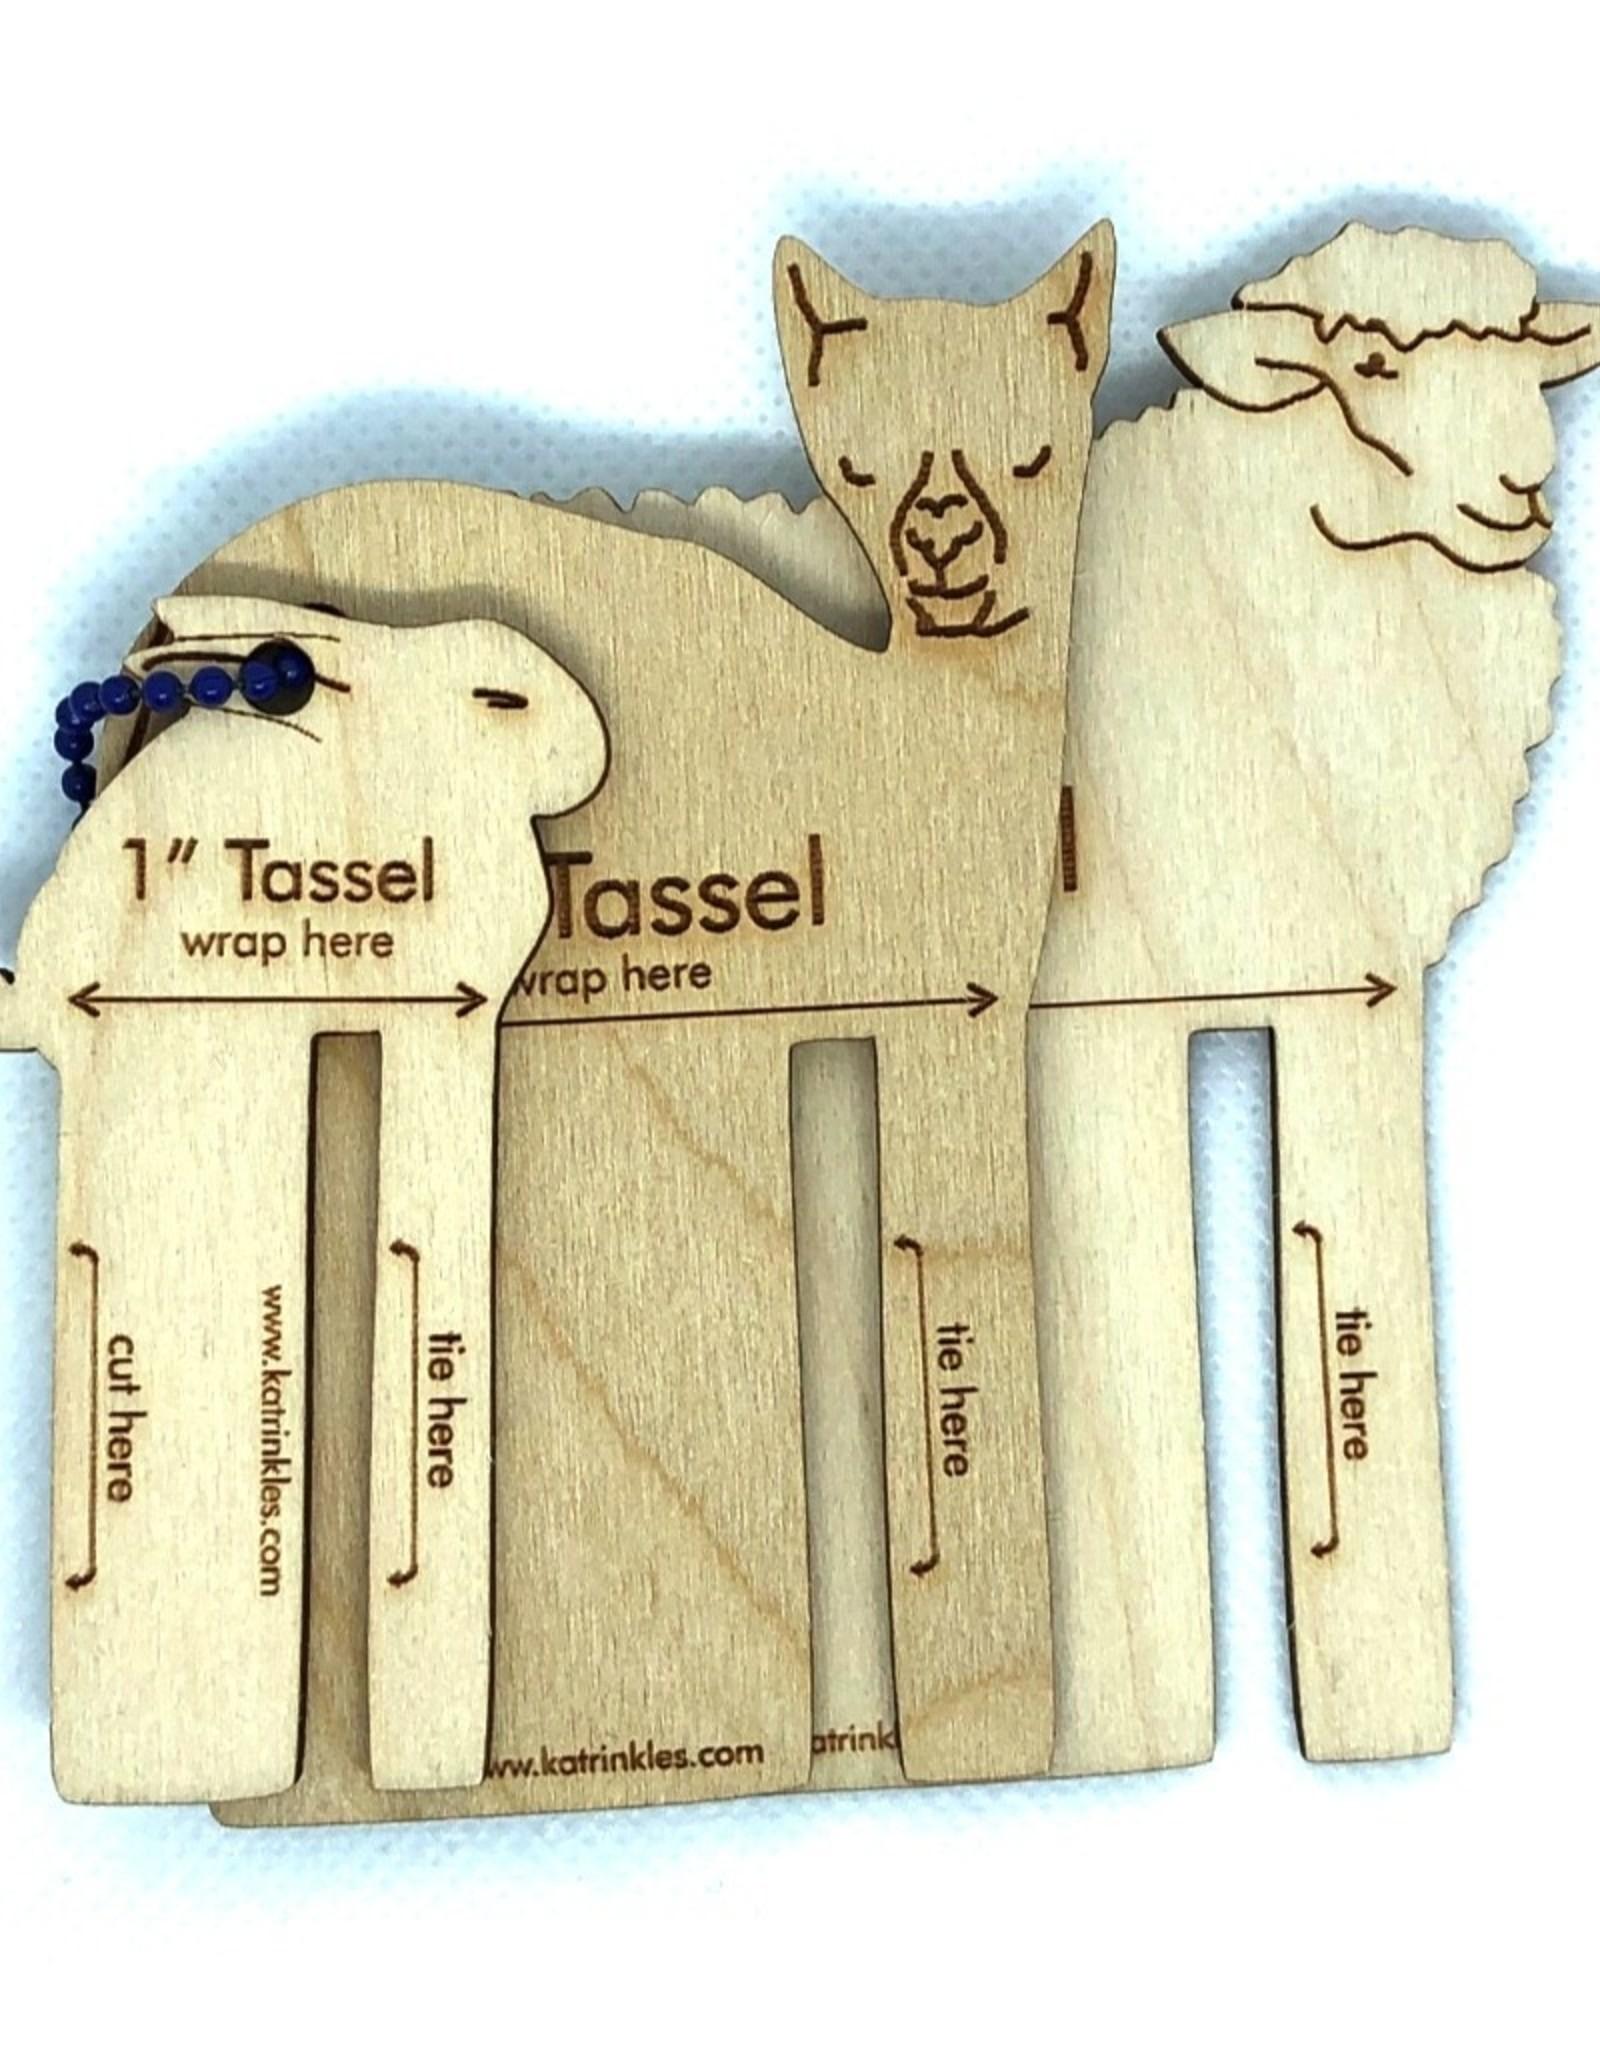 Katrinkles Buttons & Tools Misc Tools - Fiber Animal Tassel Making Tools - Bunny, Alpaca, Sheep